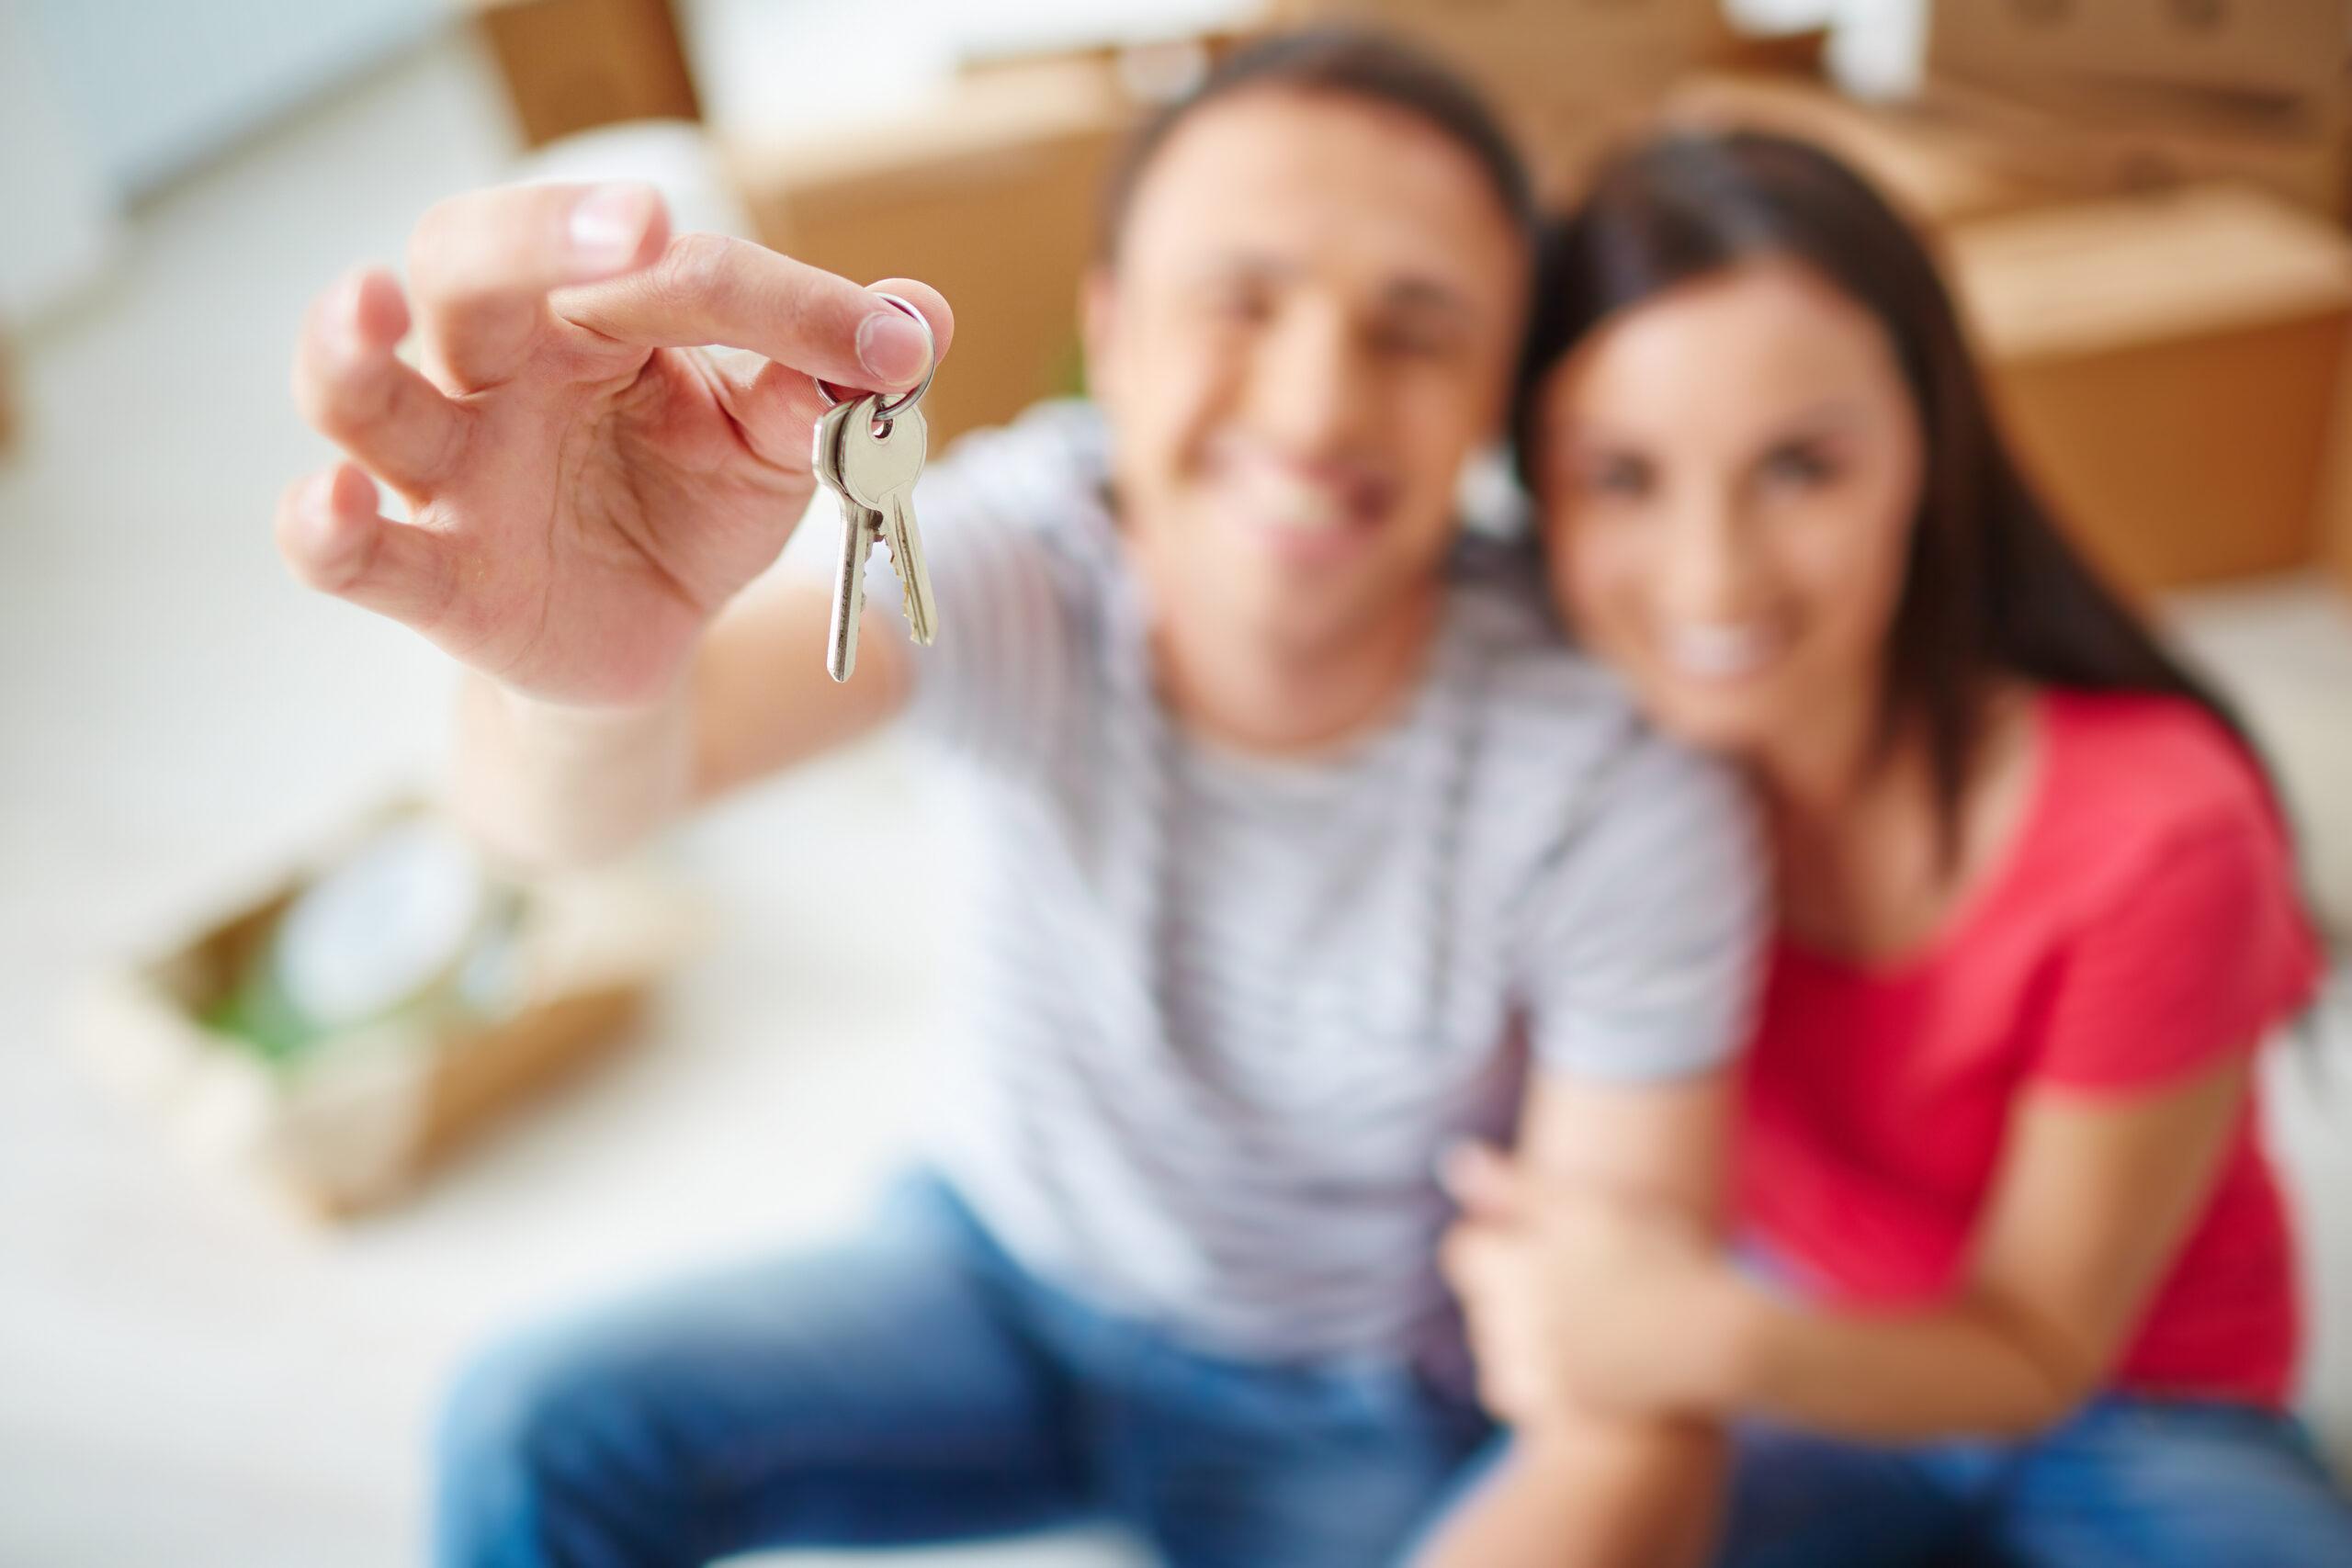 bouwbedrijf-bouwadvies-nieuw-huis-woning-bouwen-aannemer-sleutel-op-deur-beste-prijs-belgie-contact-scaled